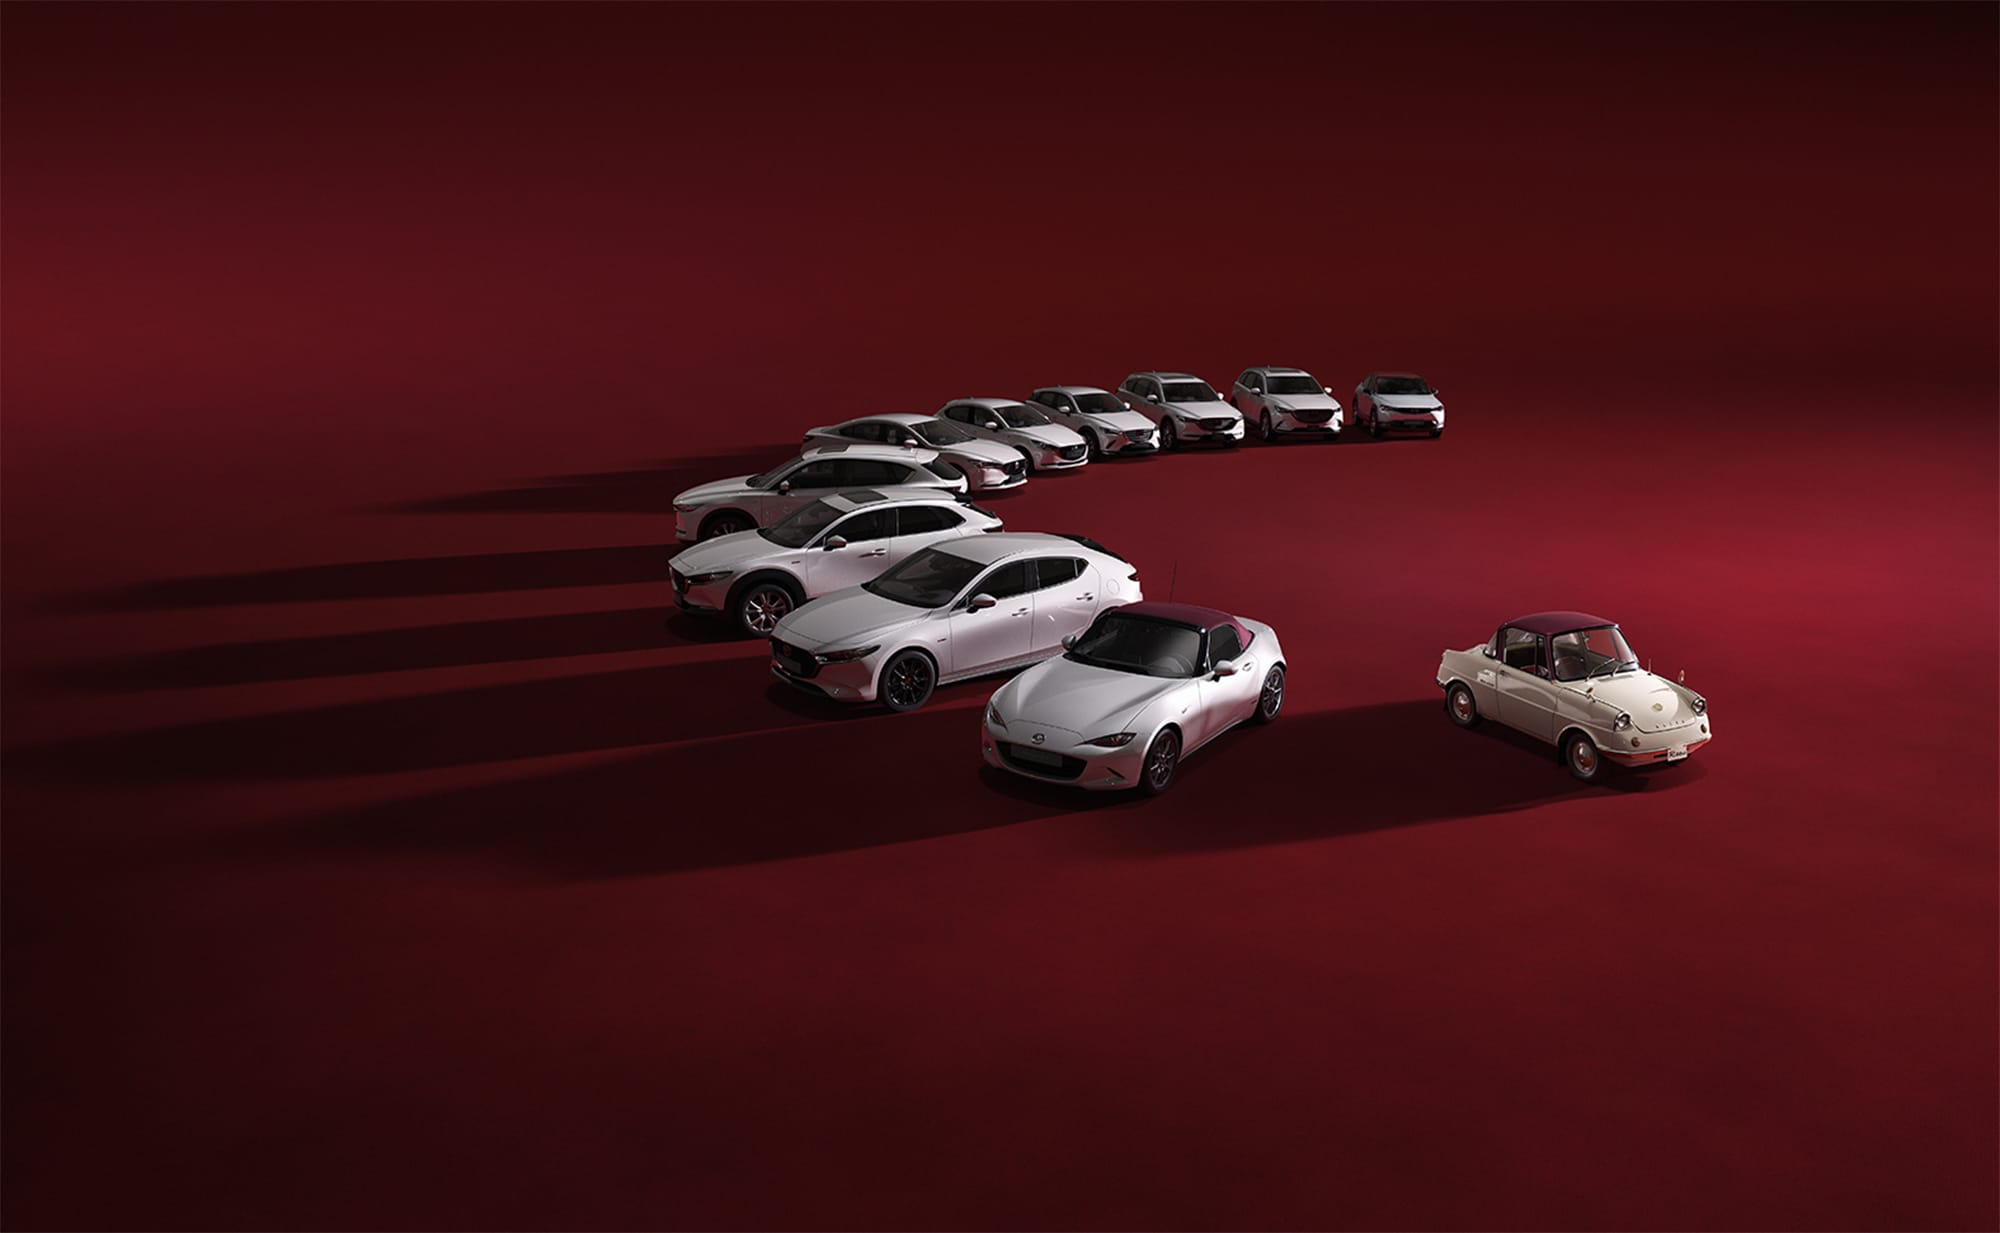 「R360クーペ」をモチーフとした、ホワイトとバーガンディのツートンカラーの内外装で彩られる「100周年特別記念車」。マツダの登録全車種で展開する。